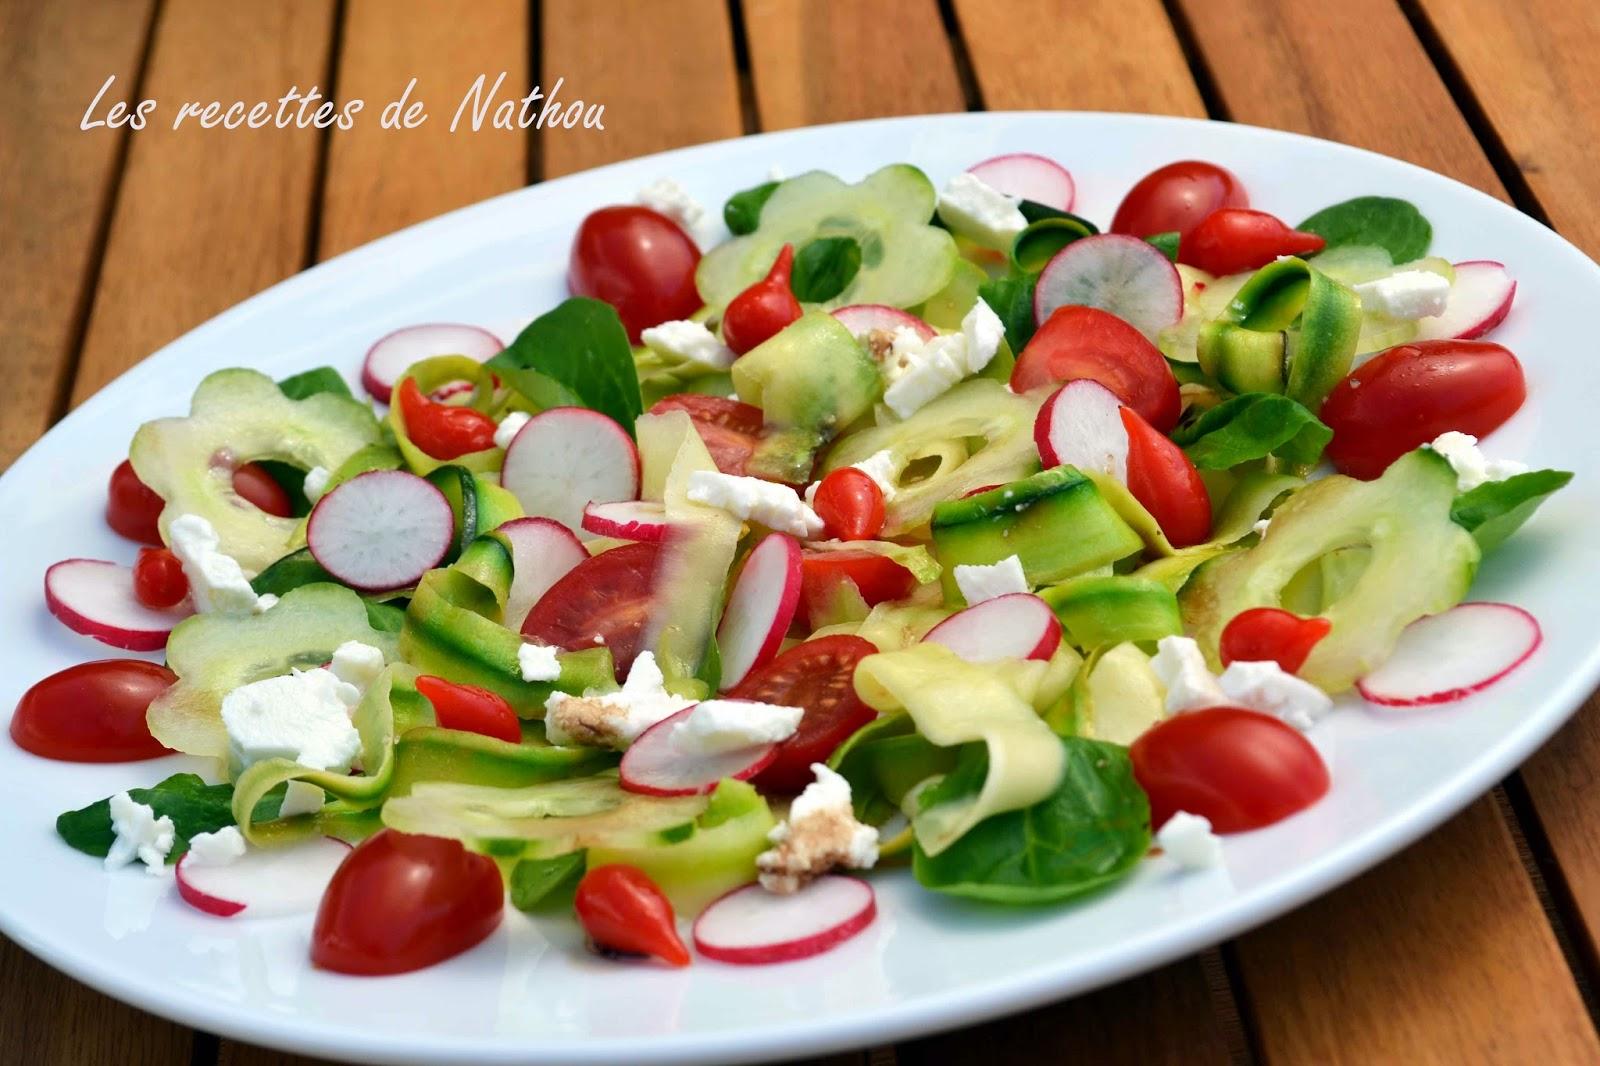 Salade fra cheur la feta et mini poivrons du p rou par for Salade entree originale